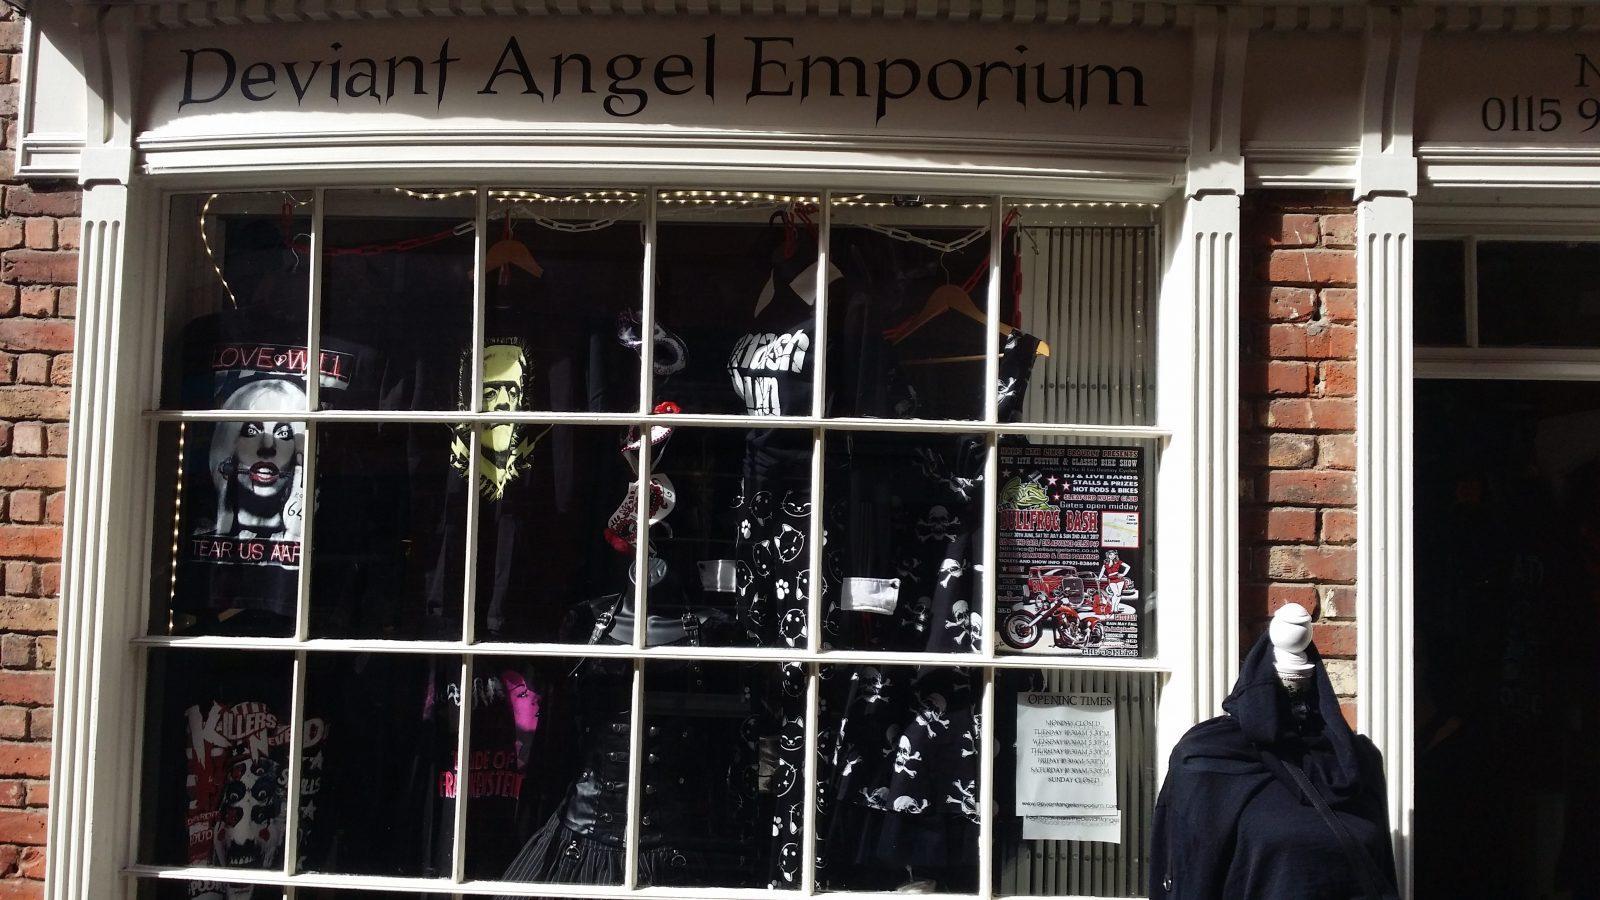 Deviant Angel Emporium